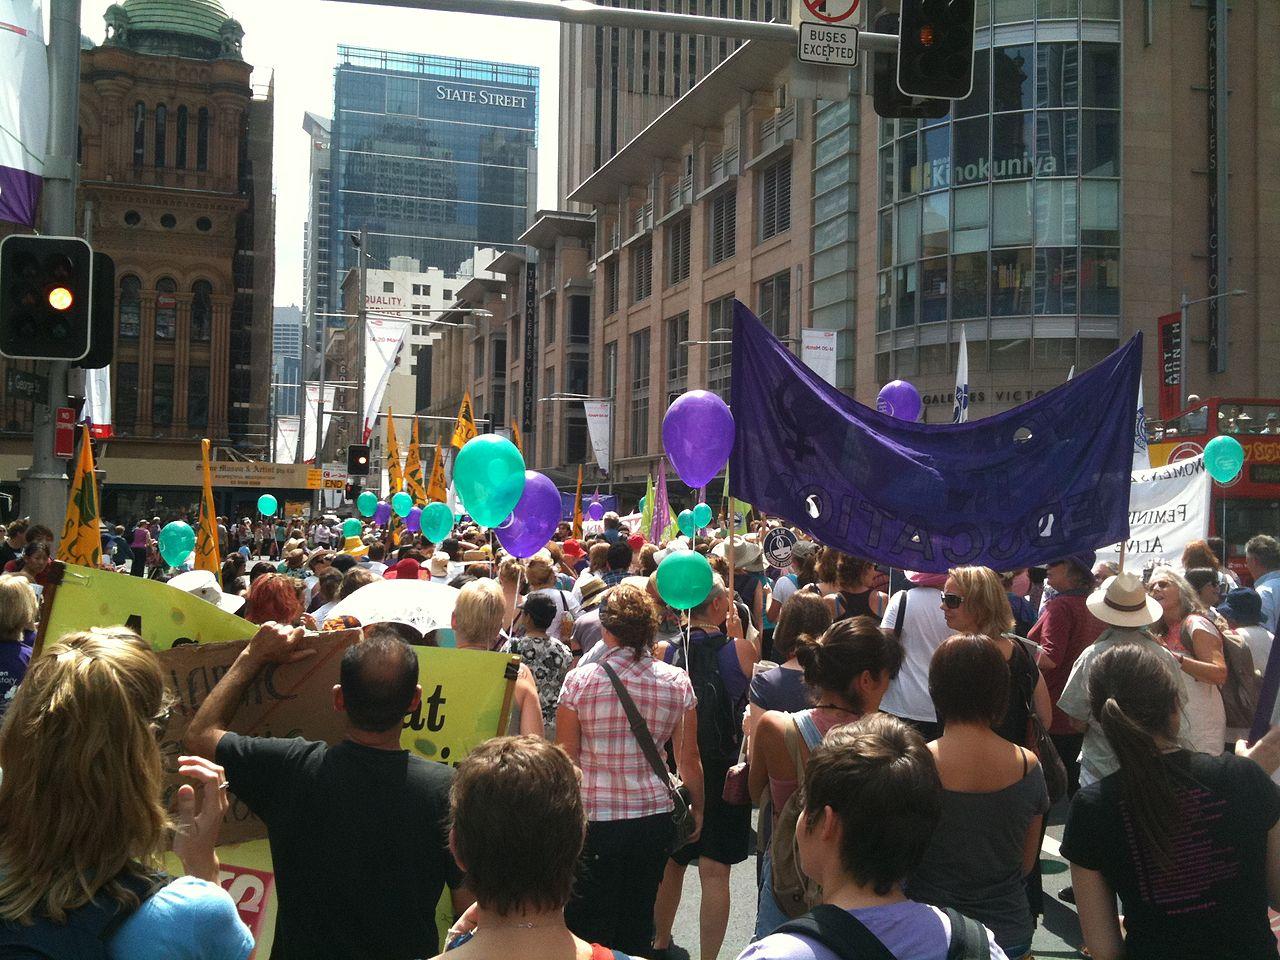 International Women's Day celebrated in Sydney, Australia in 2011 – Photo: Wikimedia,  sridgway, Cc.2.0